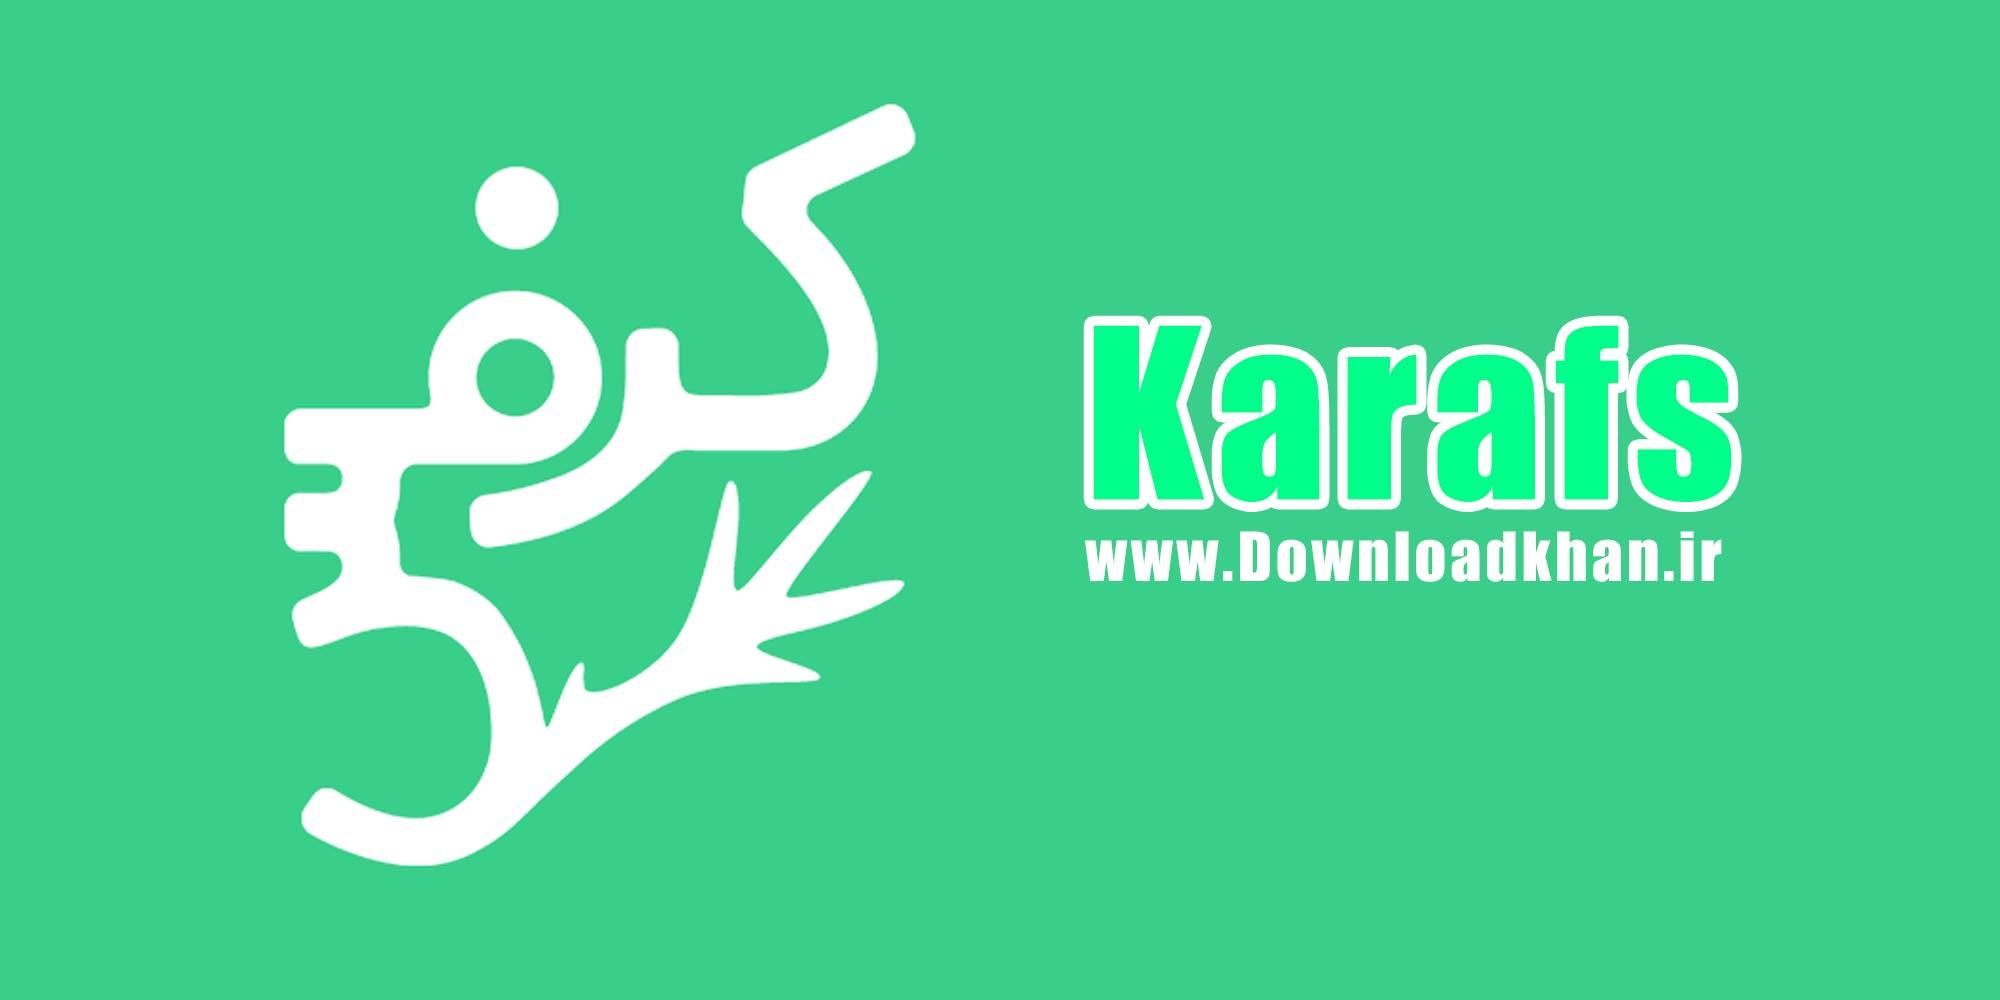 Karafs